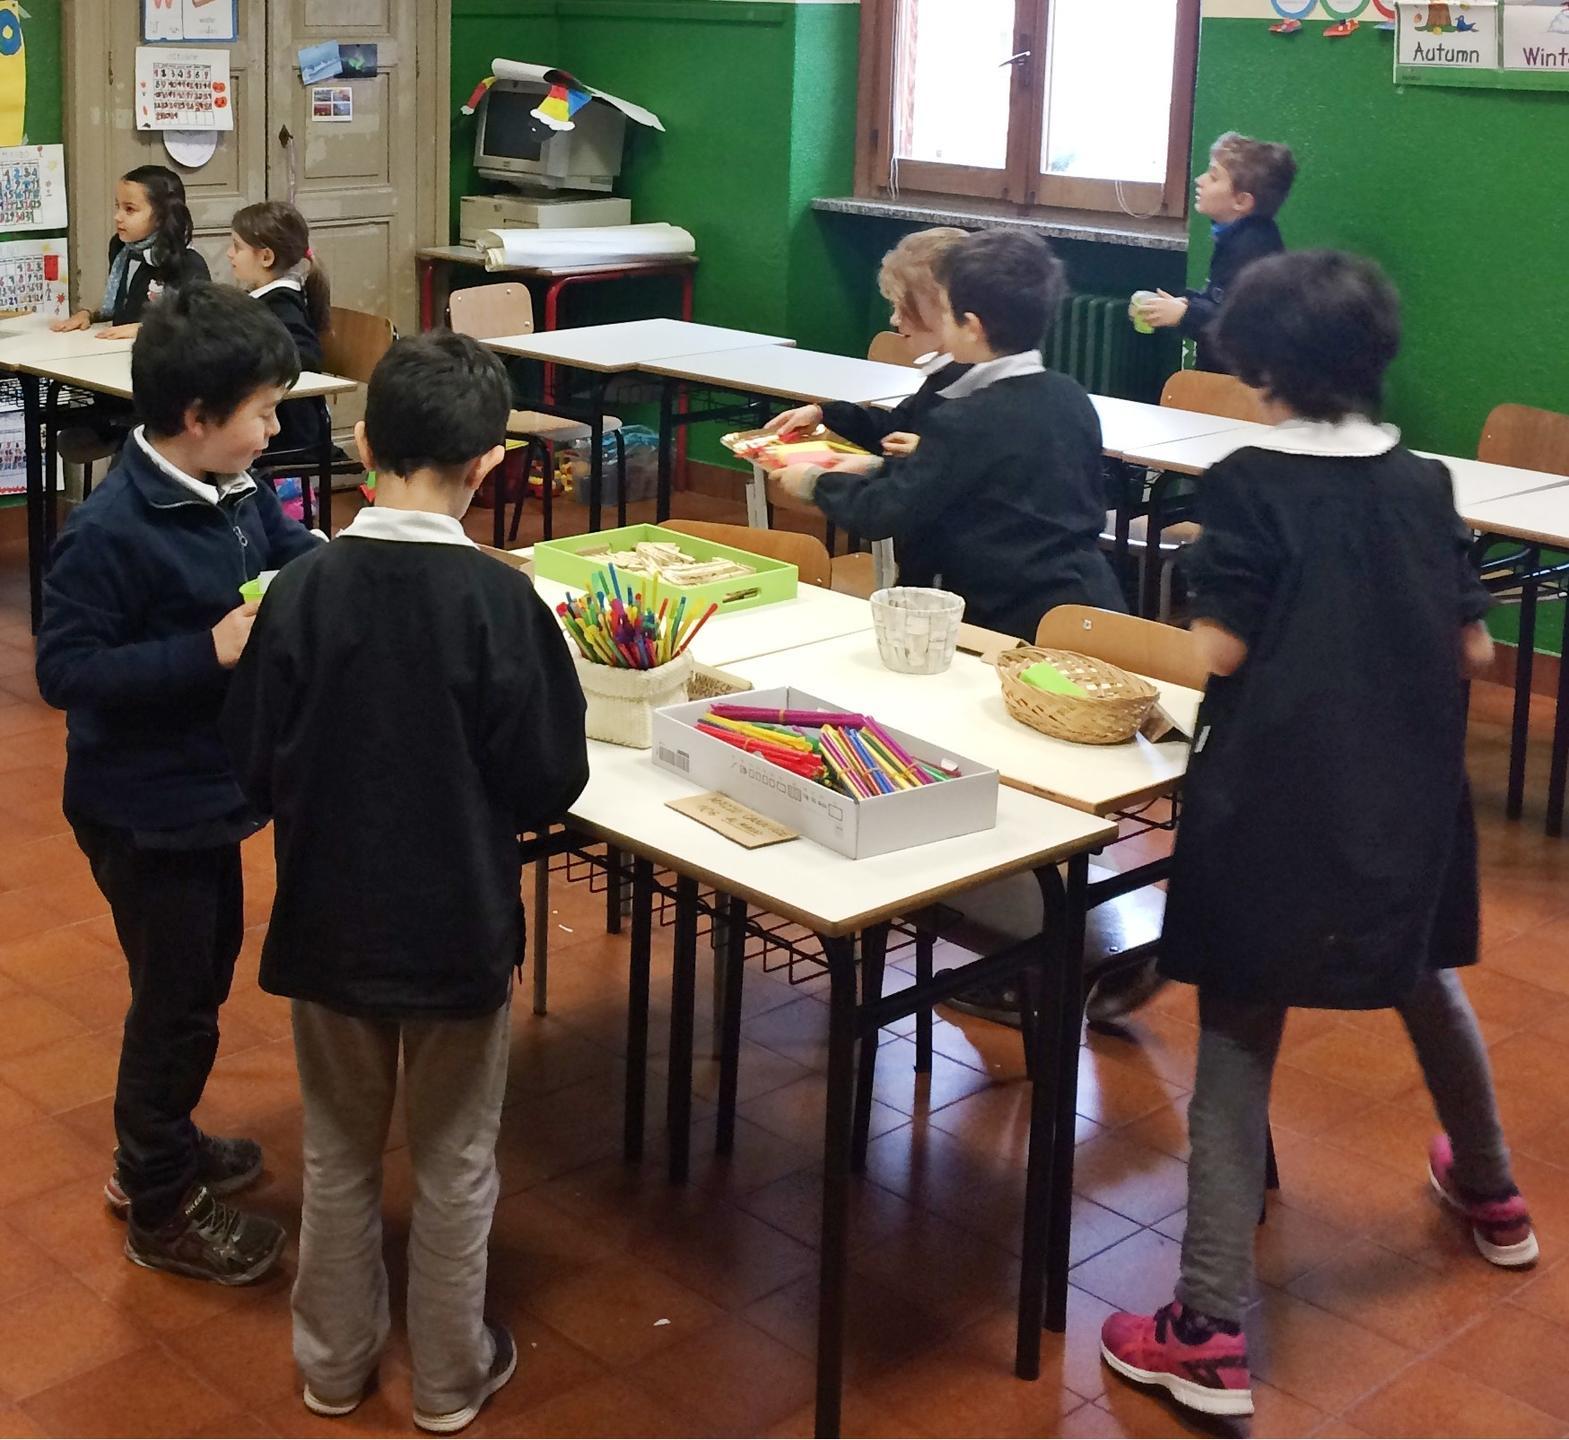 Un gioco in classe | Biella Cresce